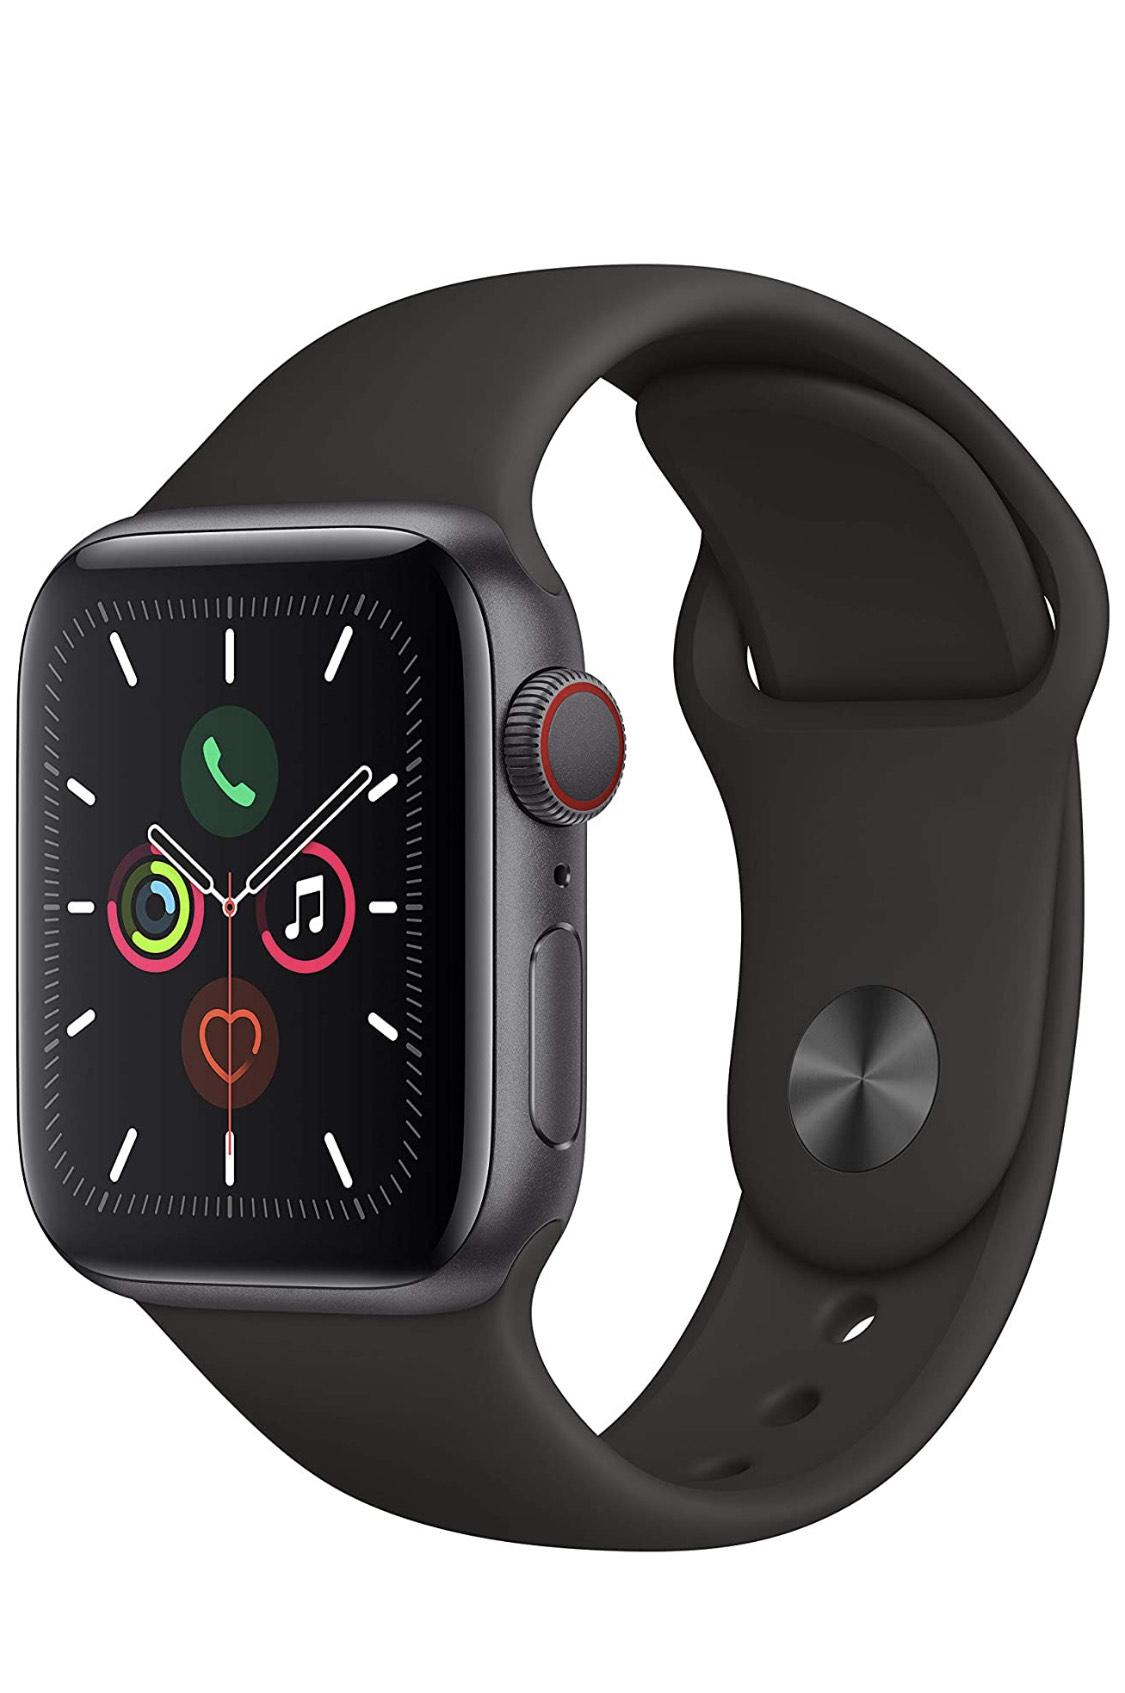 Apple Watch Series 5 (GPS + Cellular, 40 mm) Aluminio en Gris Espacial - Correa Deportiva Negro